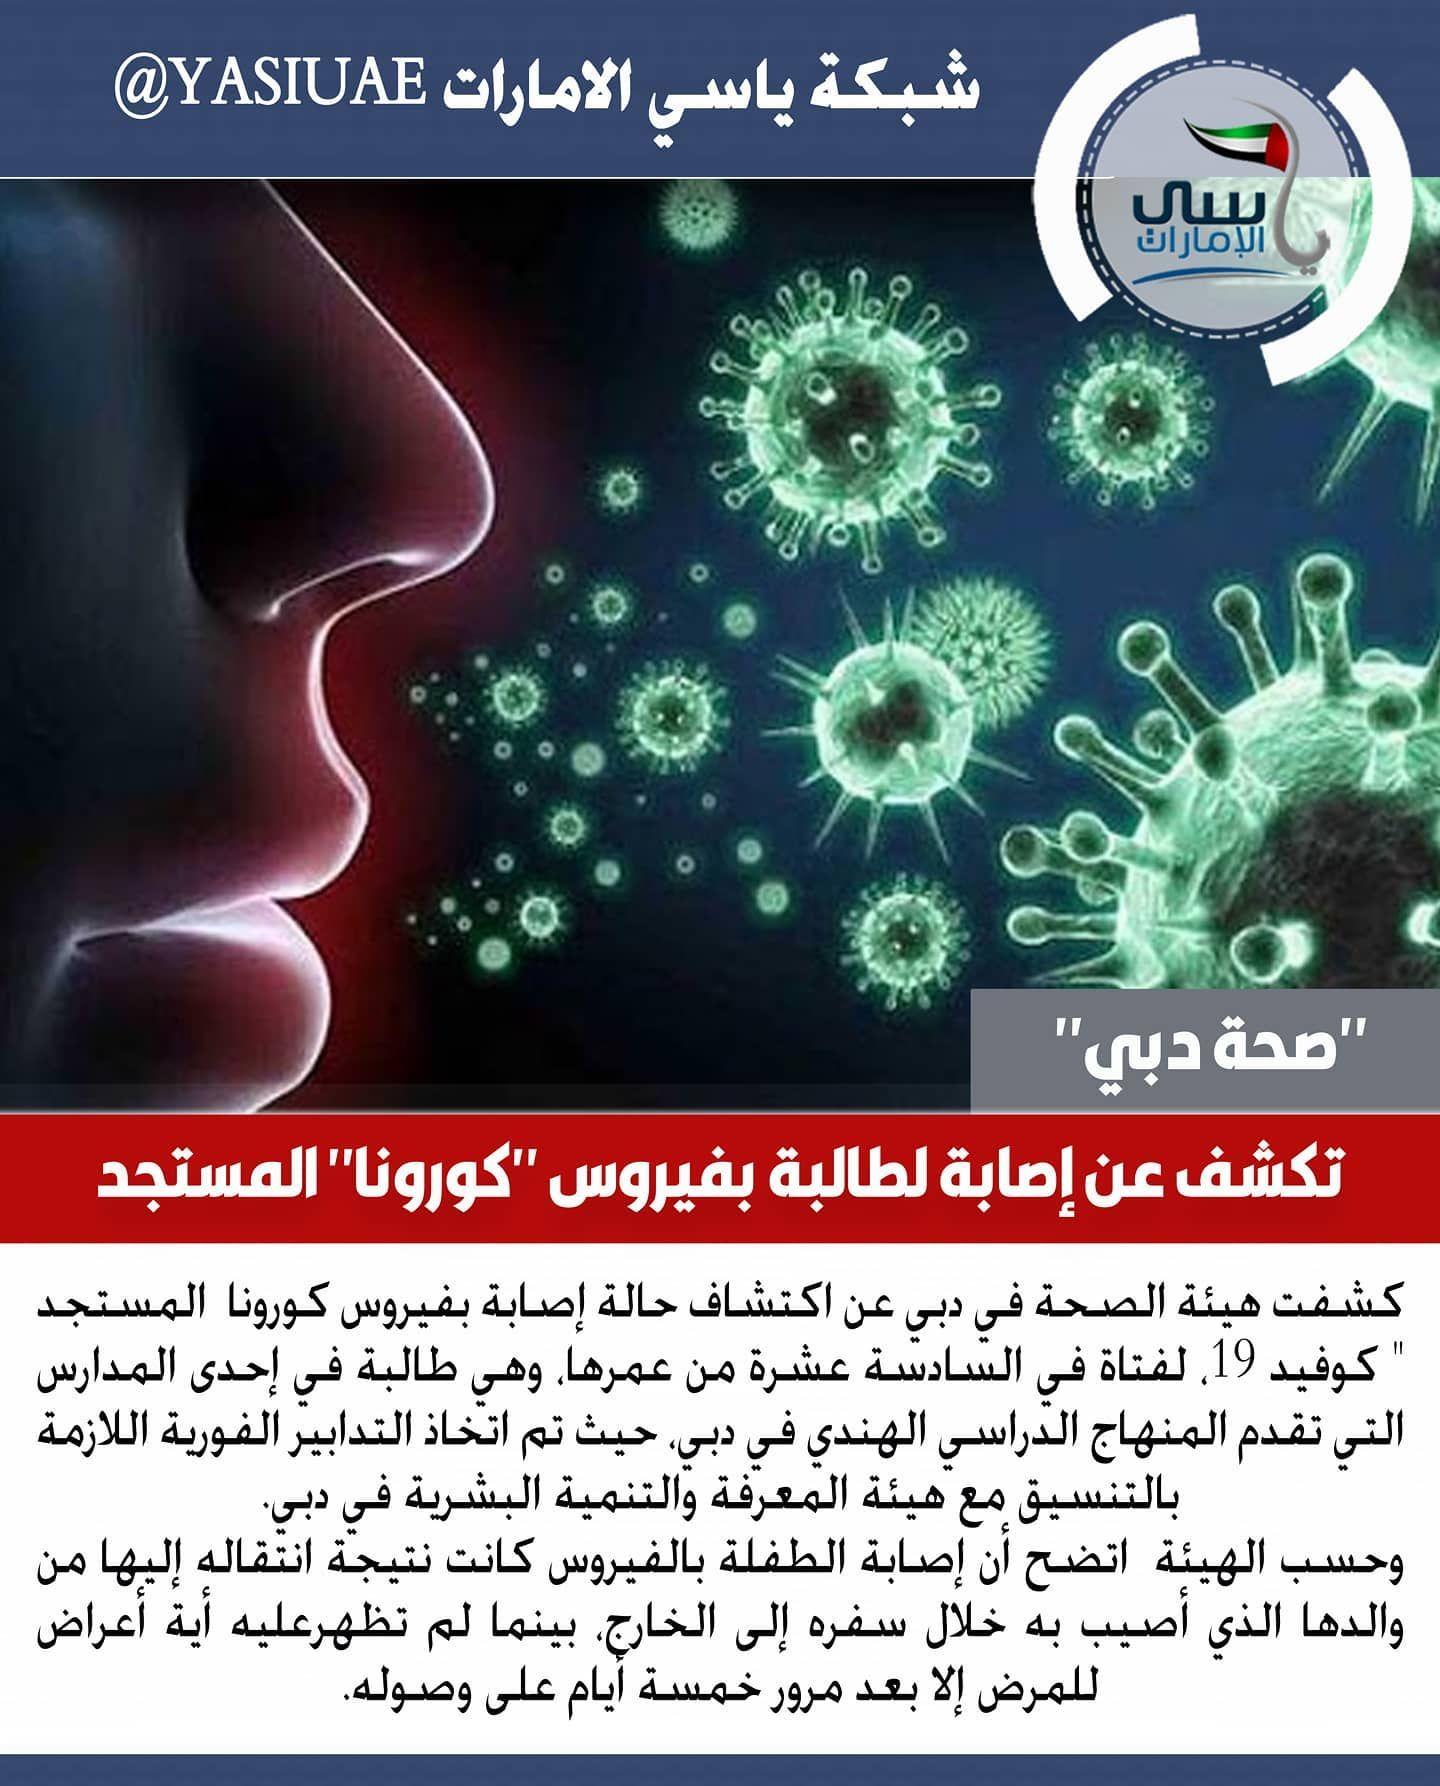 ياسي الامارات صحة دبي تكشف عن إصابة لطالبة بفيروس كورونا المستجد كشفت هيئة الصحة في دبي عن اكتشاف حالة إصابة بفير Pandora Screenshot Screenshots Pandora